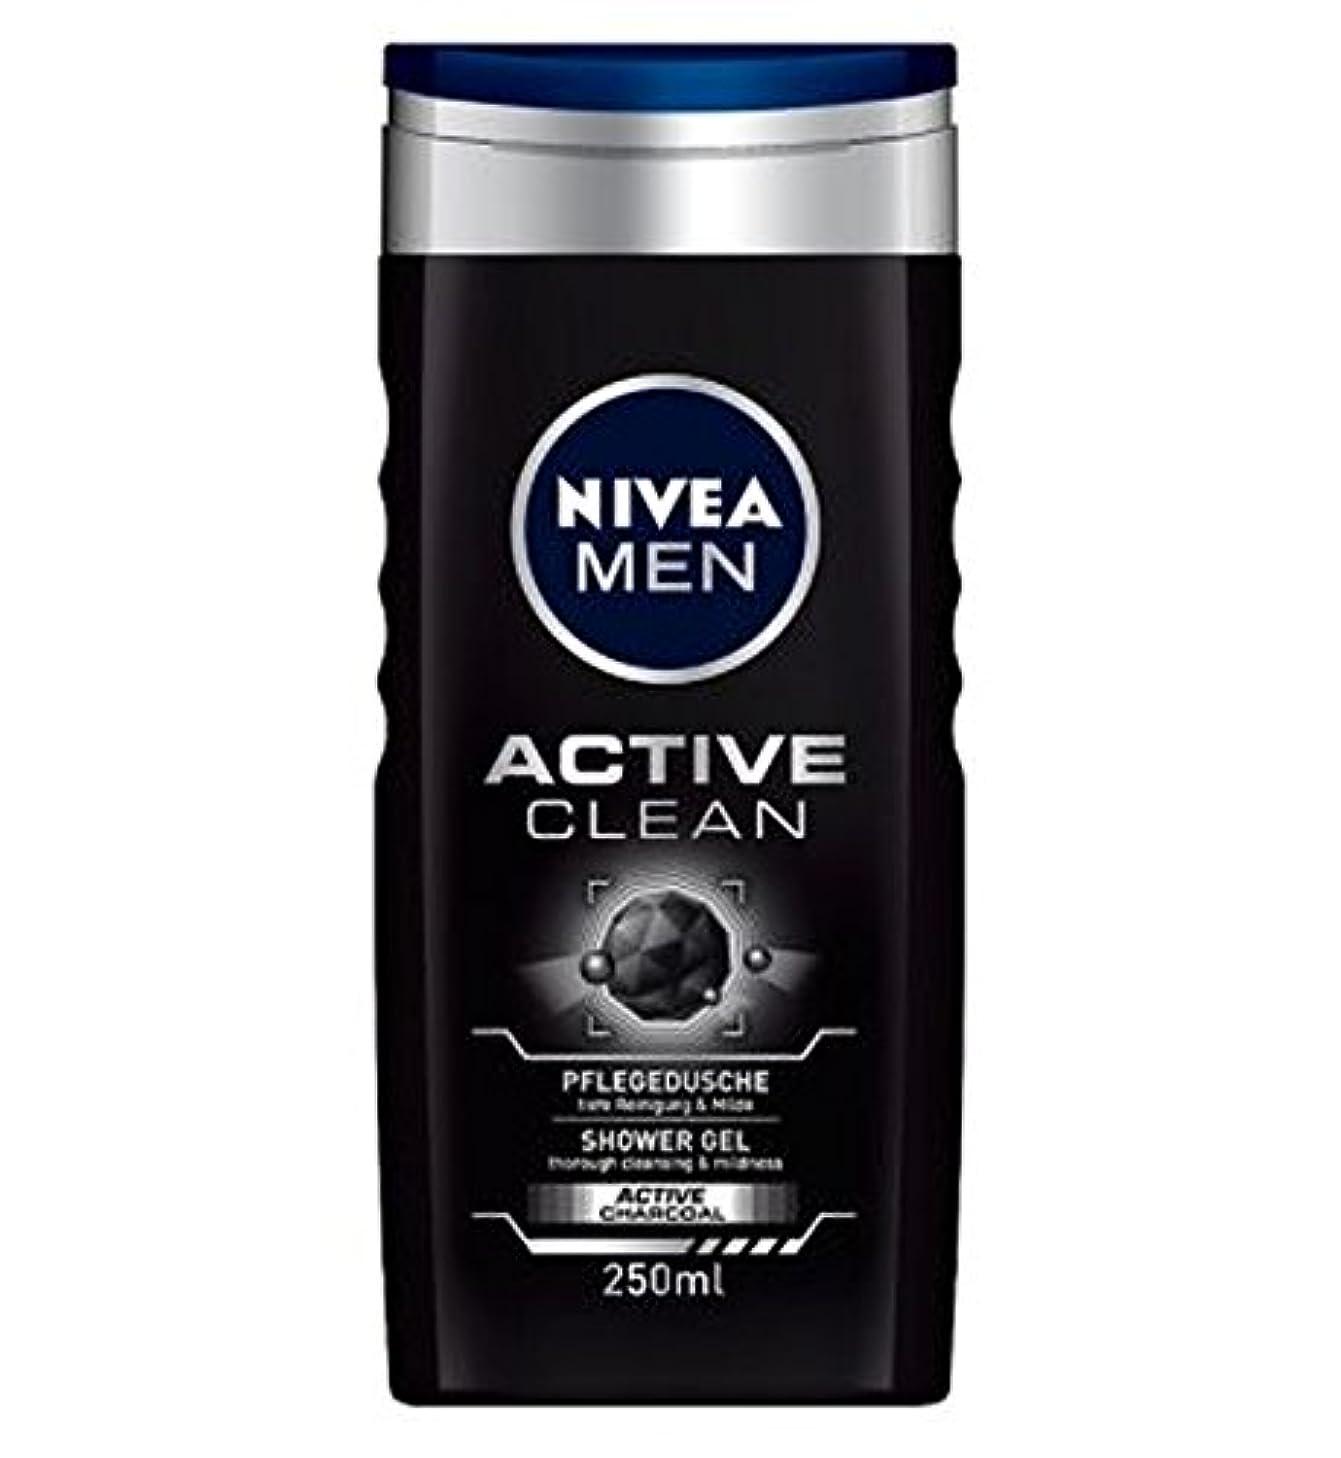 遺棄された絶妙進捗ニベアの男性アクティブクリーンシャワージェル250ミリリットル (Nivea) (x2) - NIVEA MEN Active Clean Shower Gel 250ml (Pack of 2) [並行輸入品]